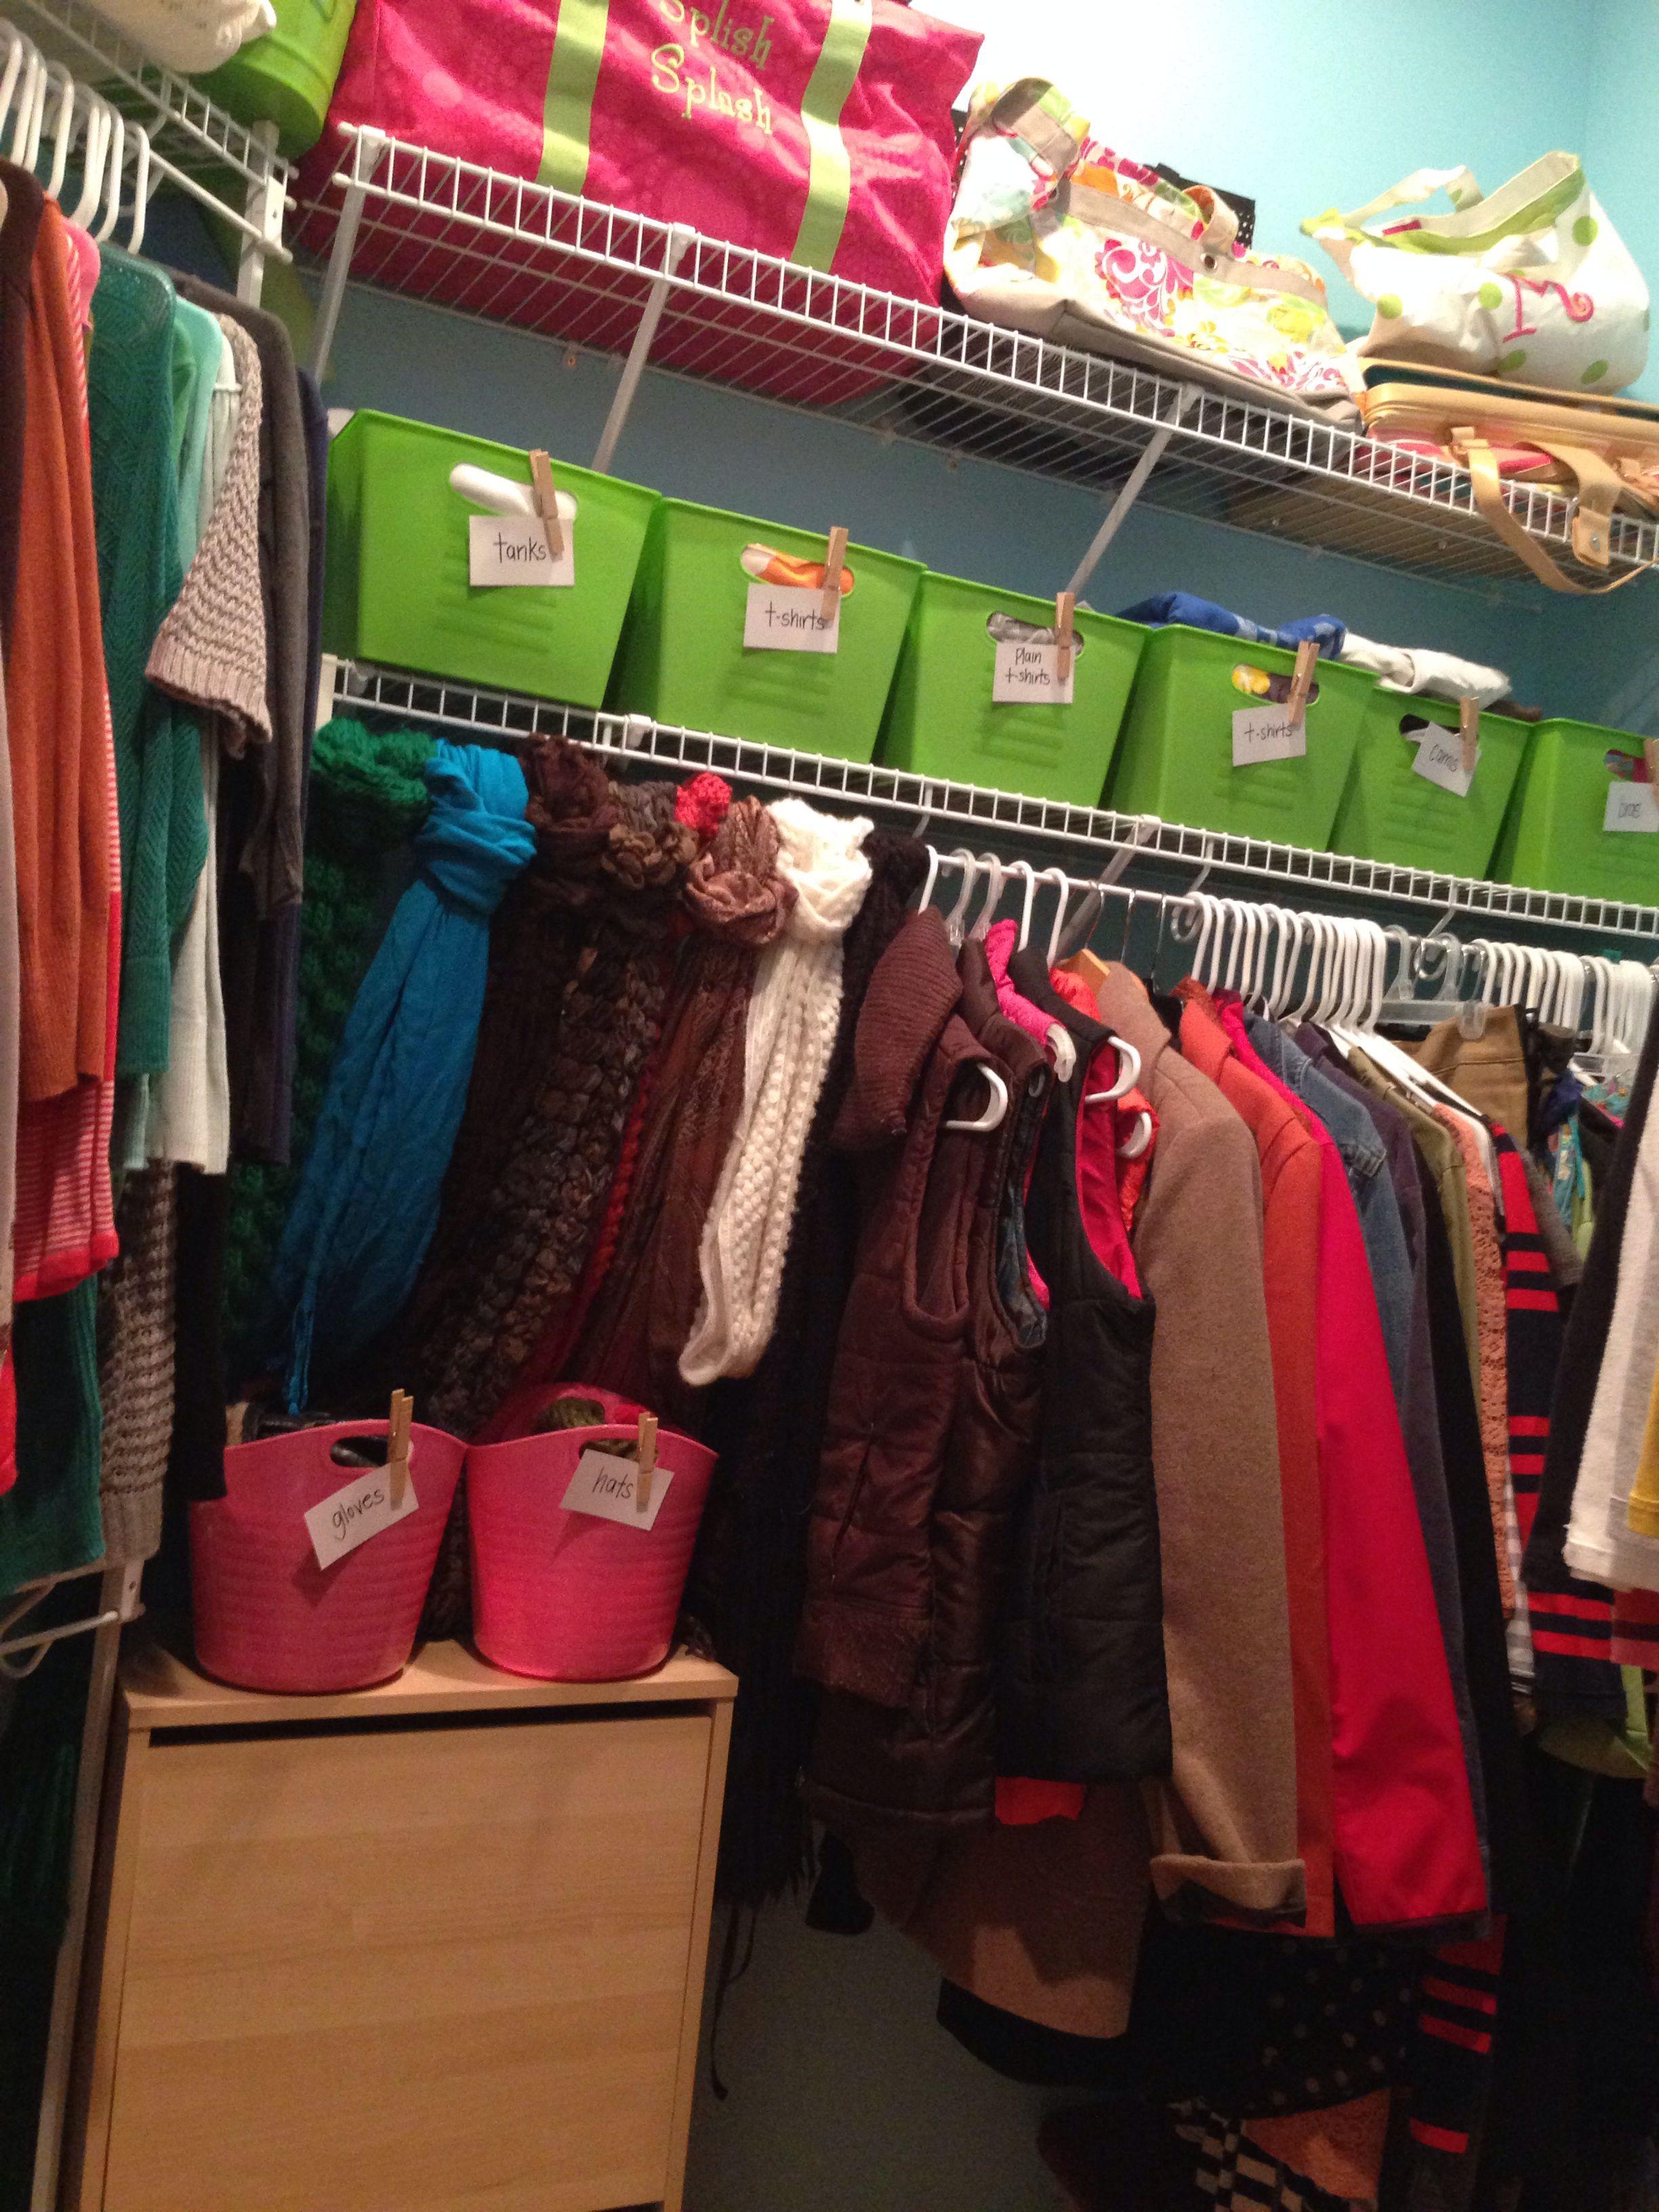 Dollar Tree Closet Organization Bedroom Organization Storage Apartment Closet Organization Organization Bedroom